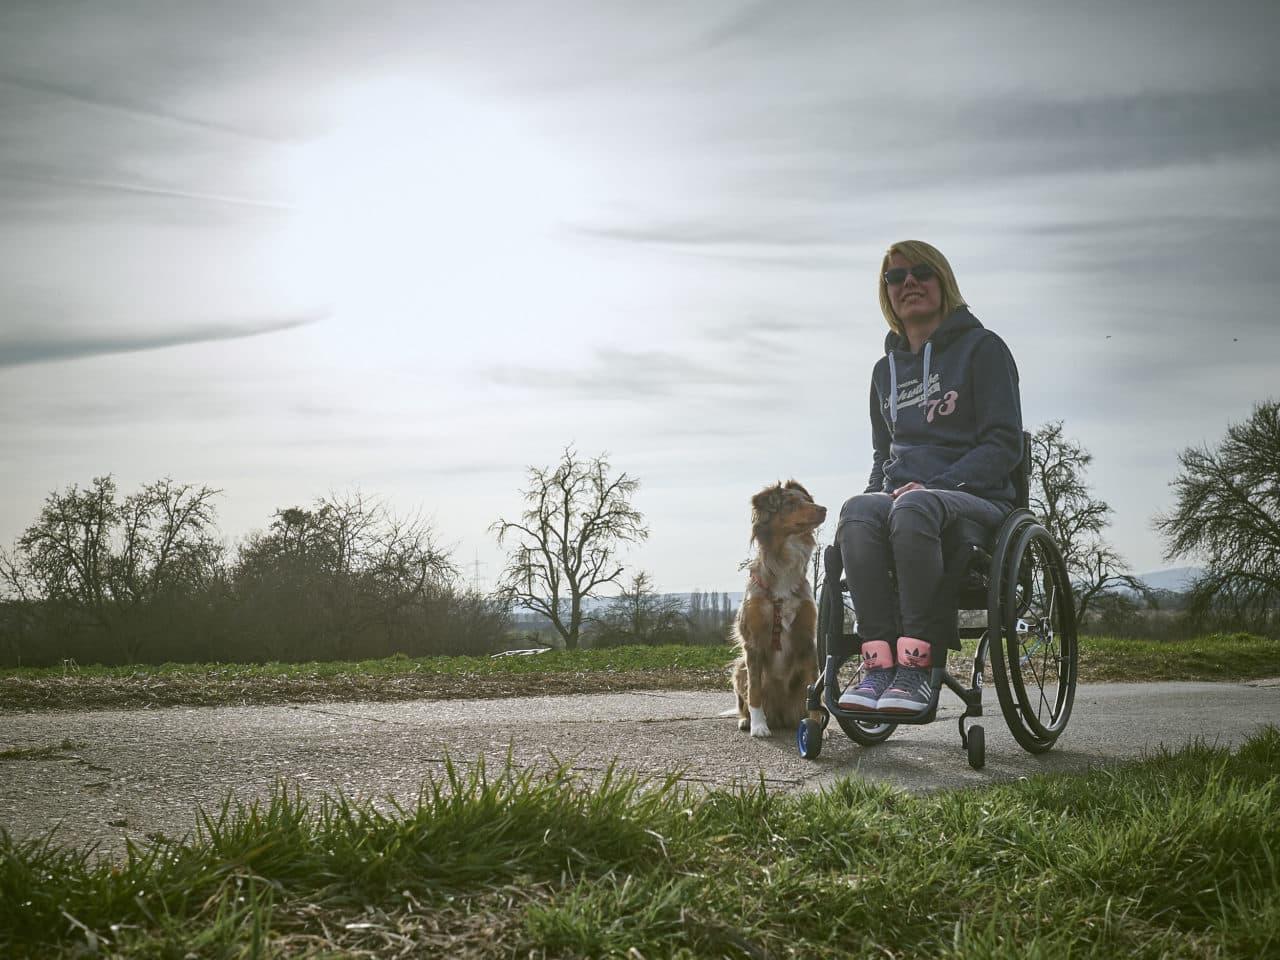 Spastik kommt von Spaß | Th10. Leben. Rollstuhl. Hund.